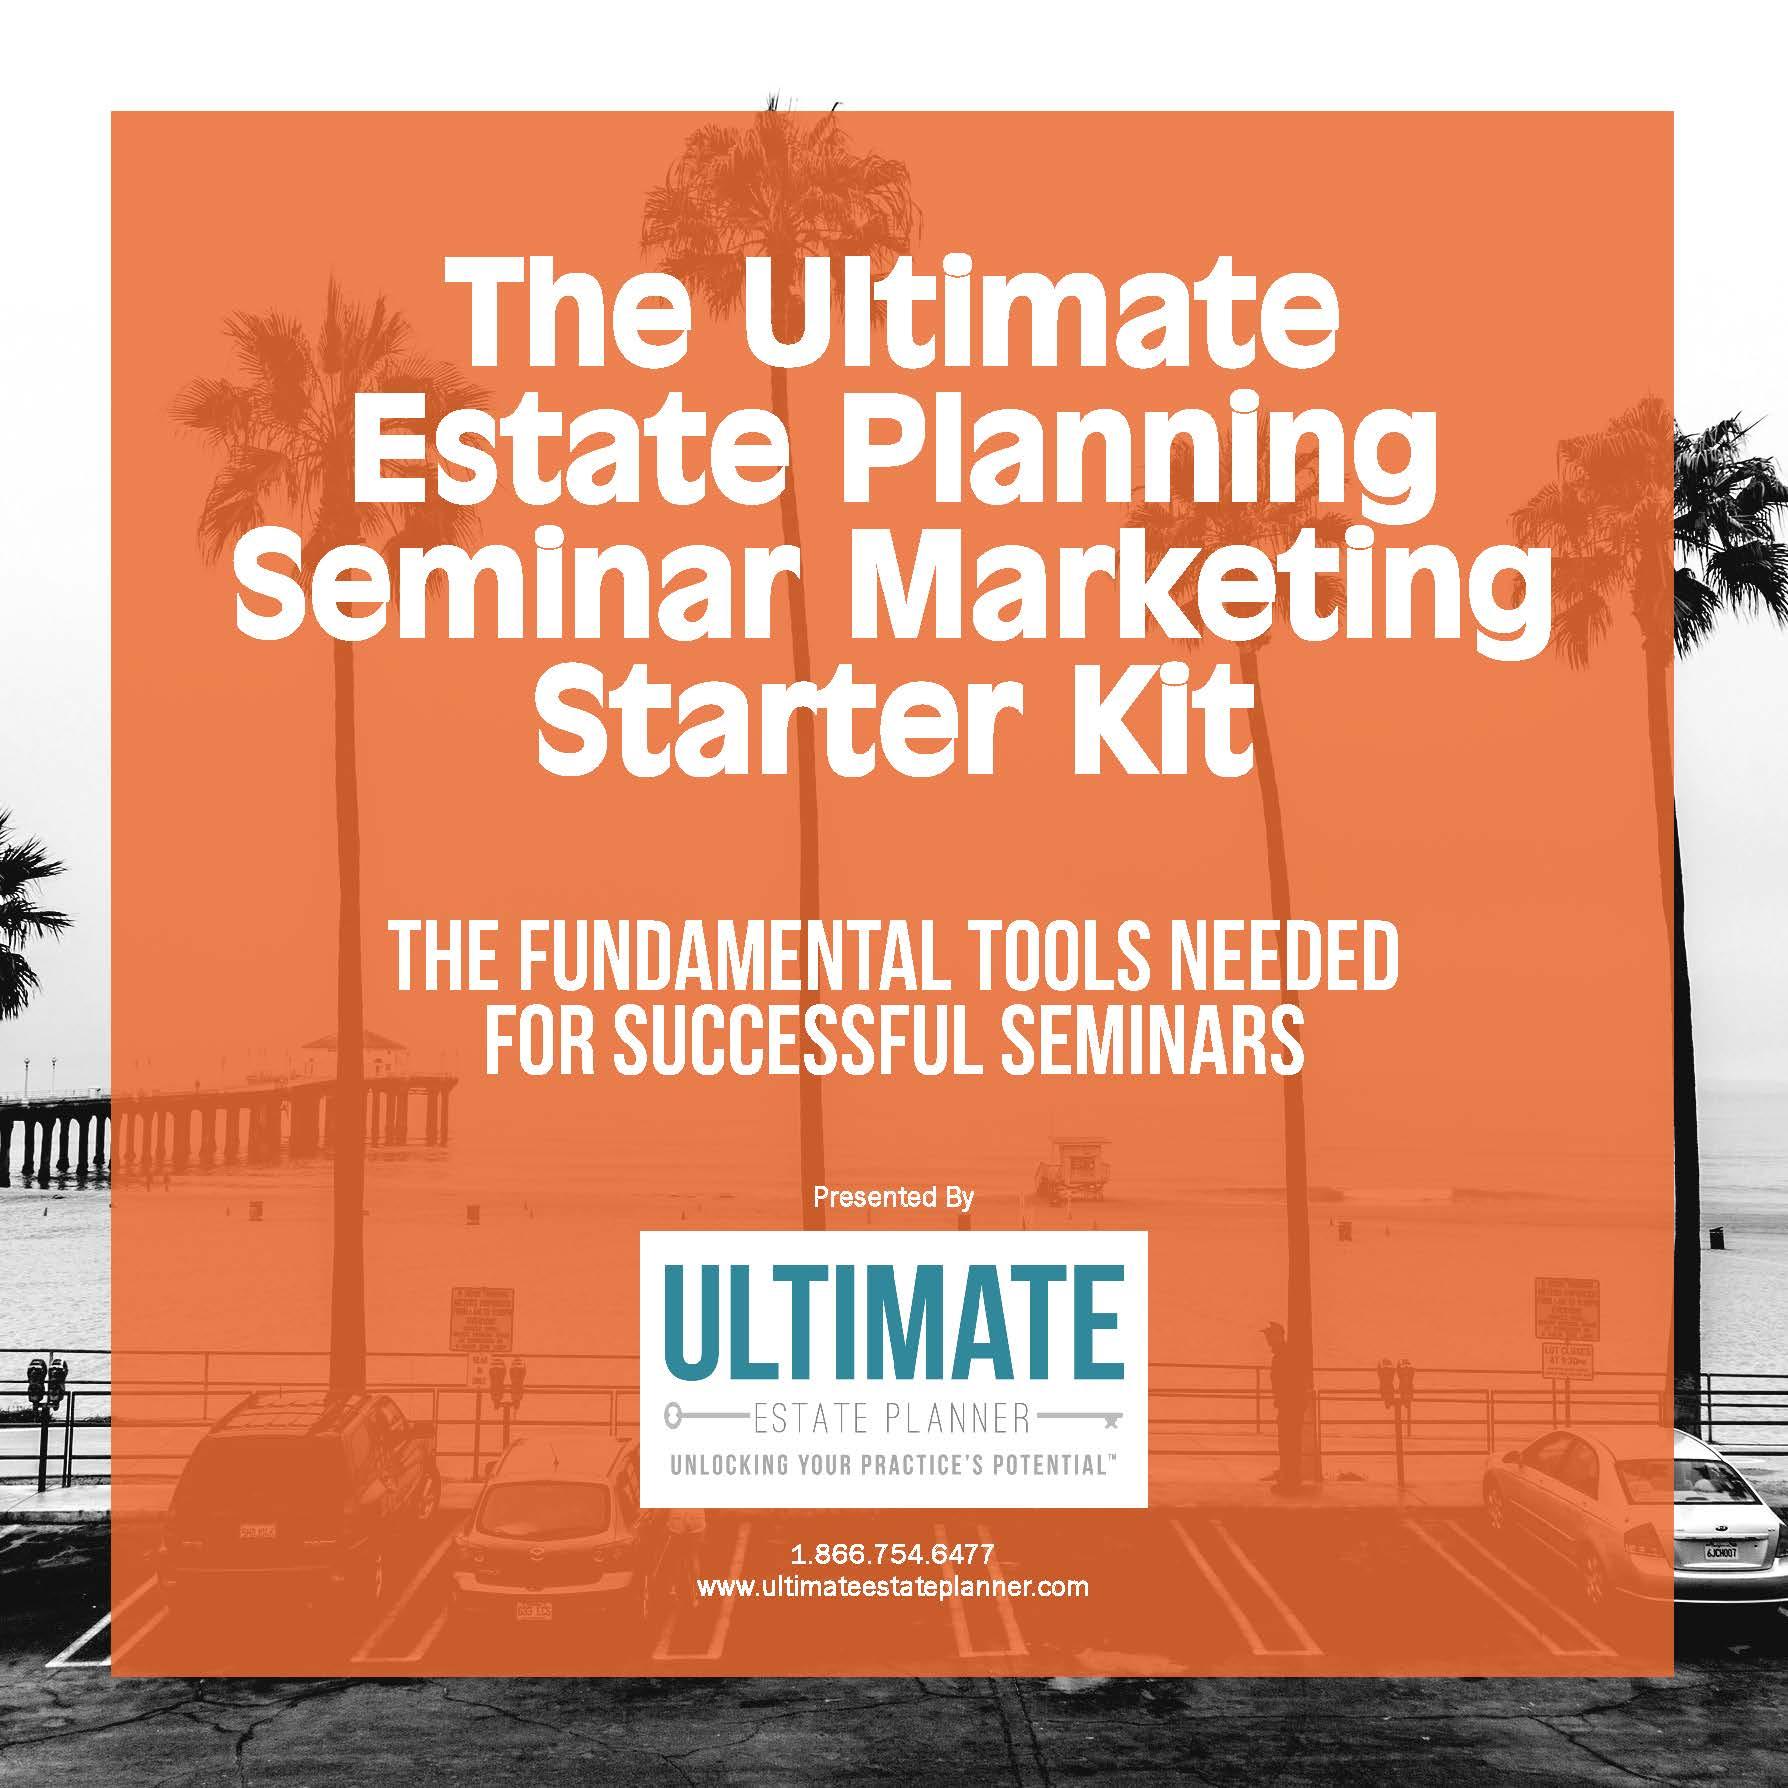 seminar-marketing-bundle-kit